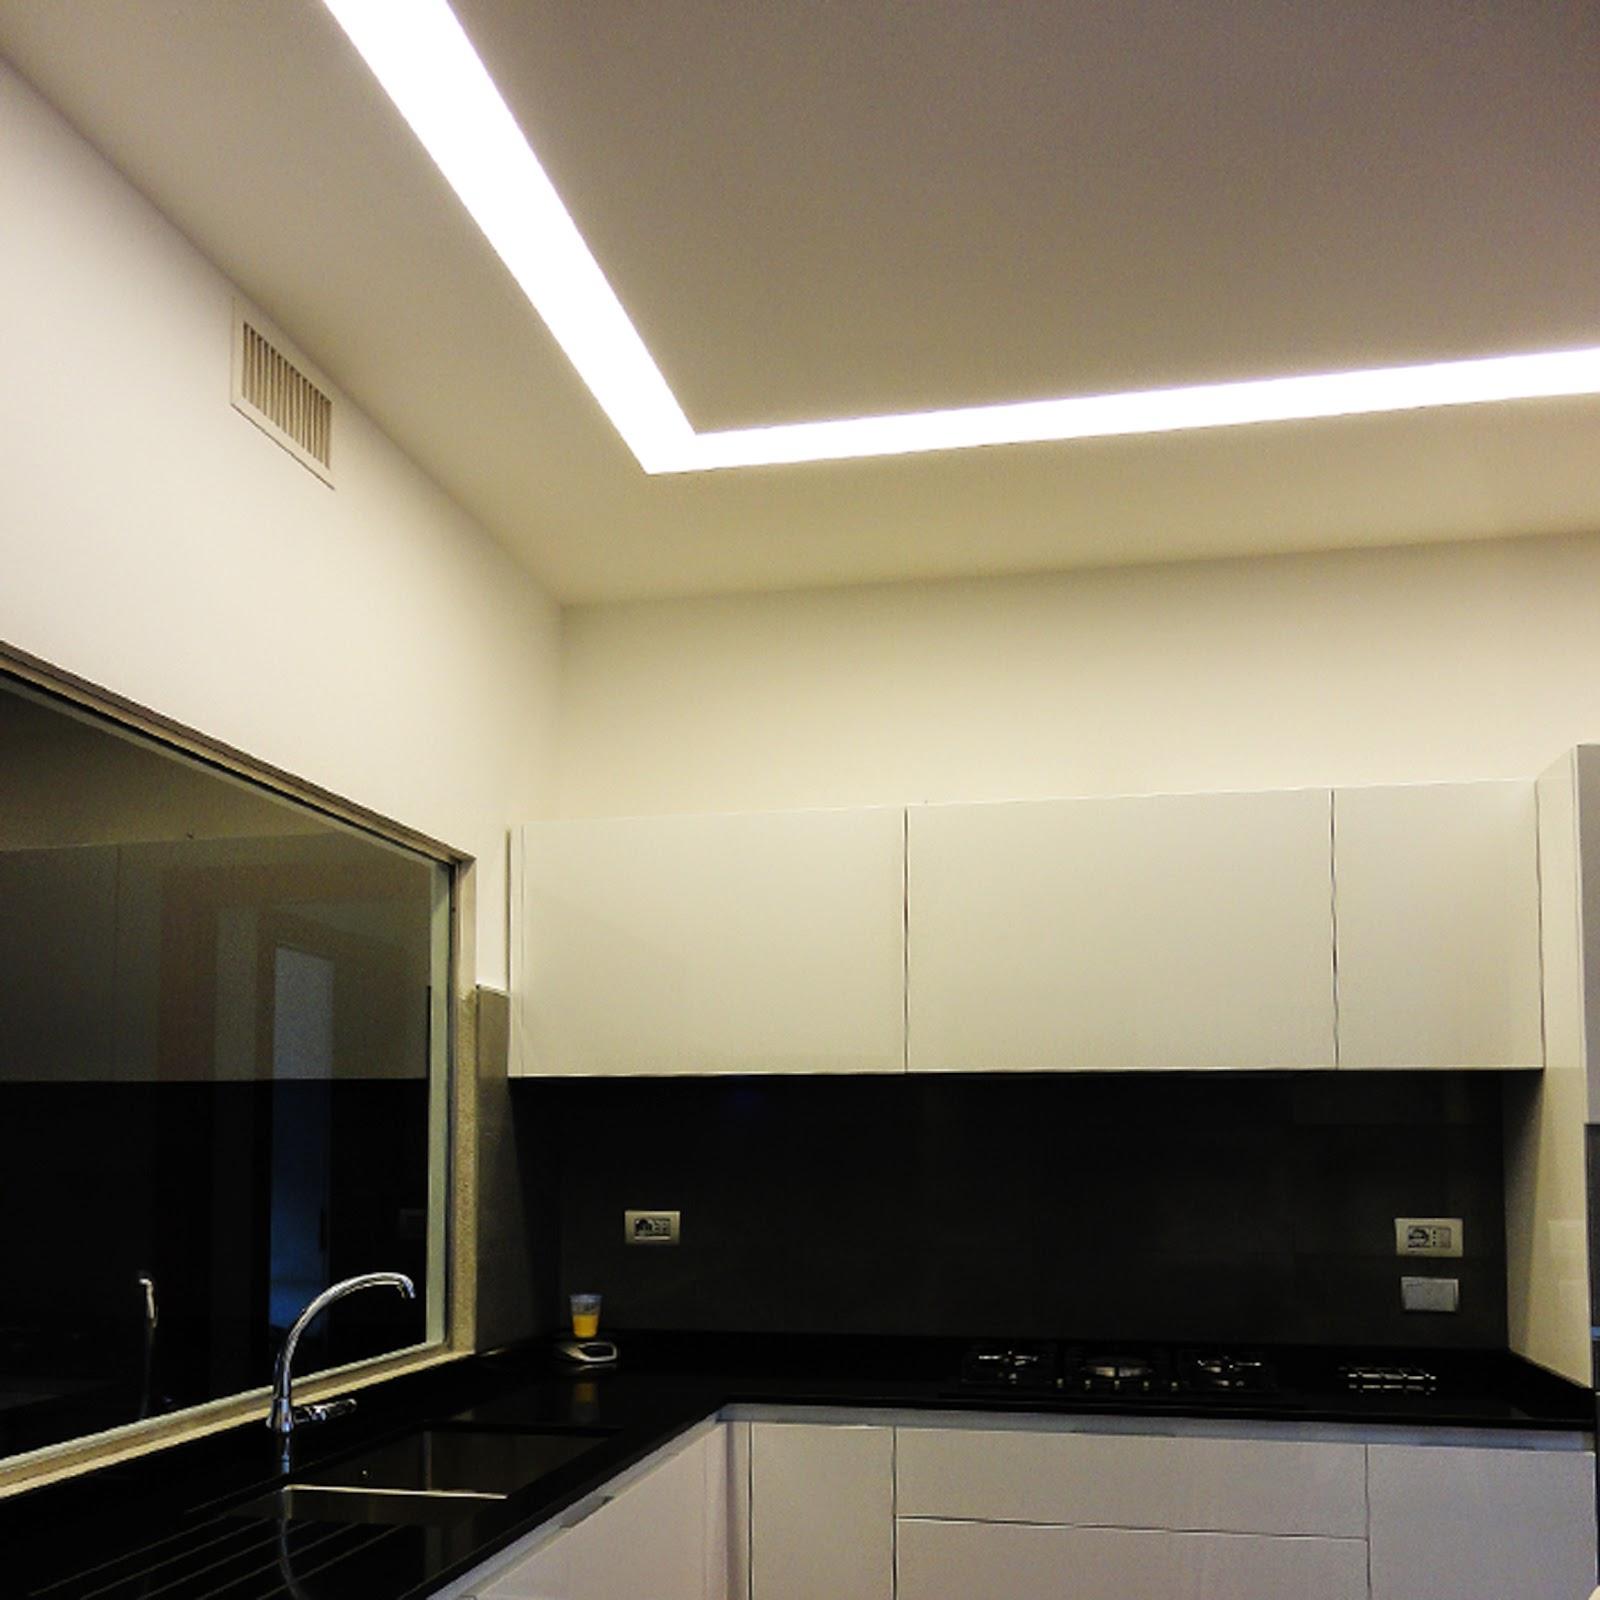 Ben noto Illuminazione Led casa: maggio 2014 XN15